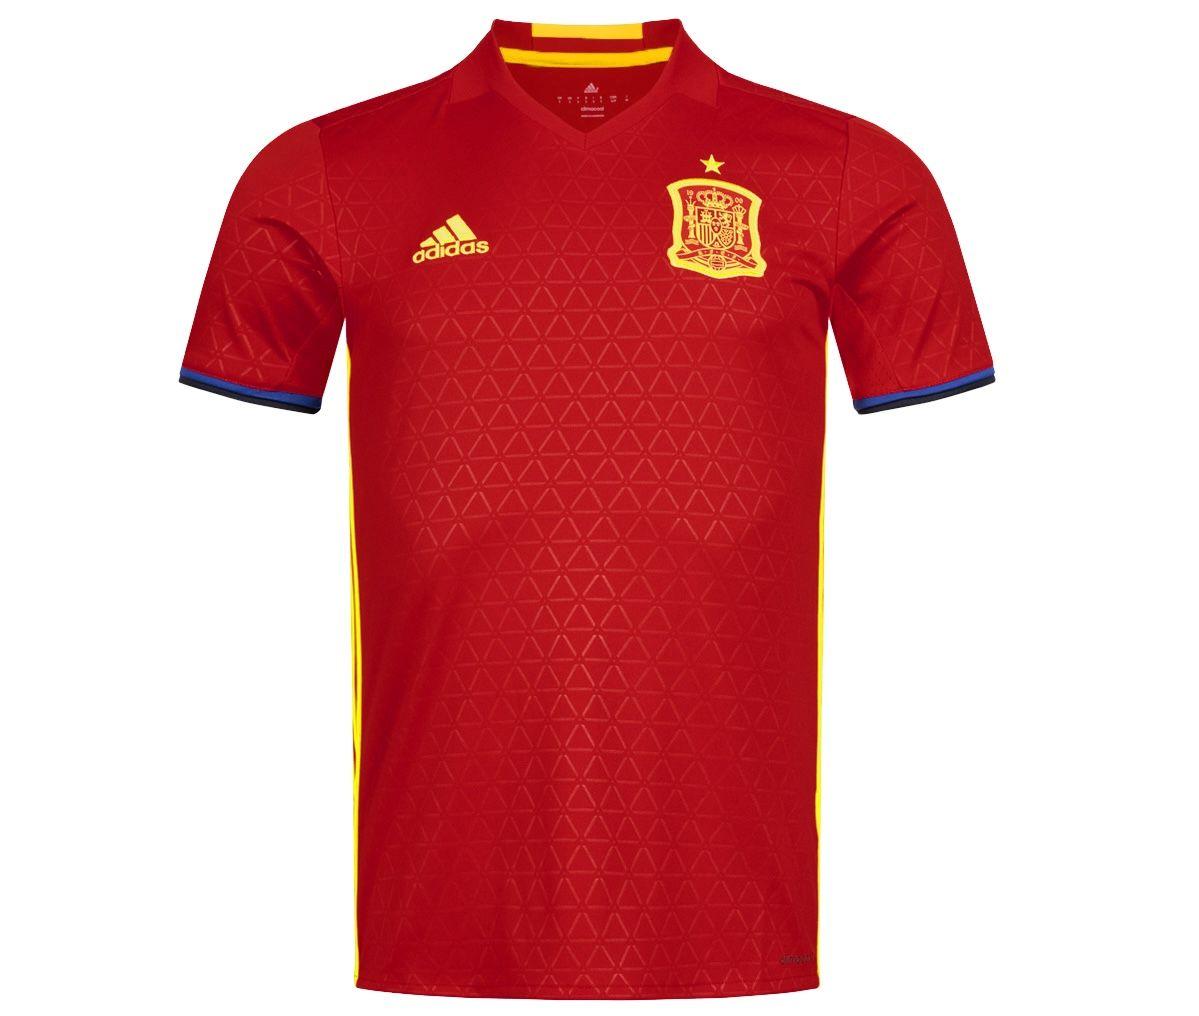 adidas Spanien Herren Heim Trikot (2015/2016) für 17,94€ (statt 24€)